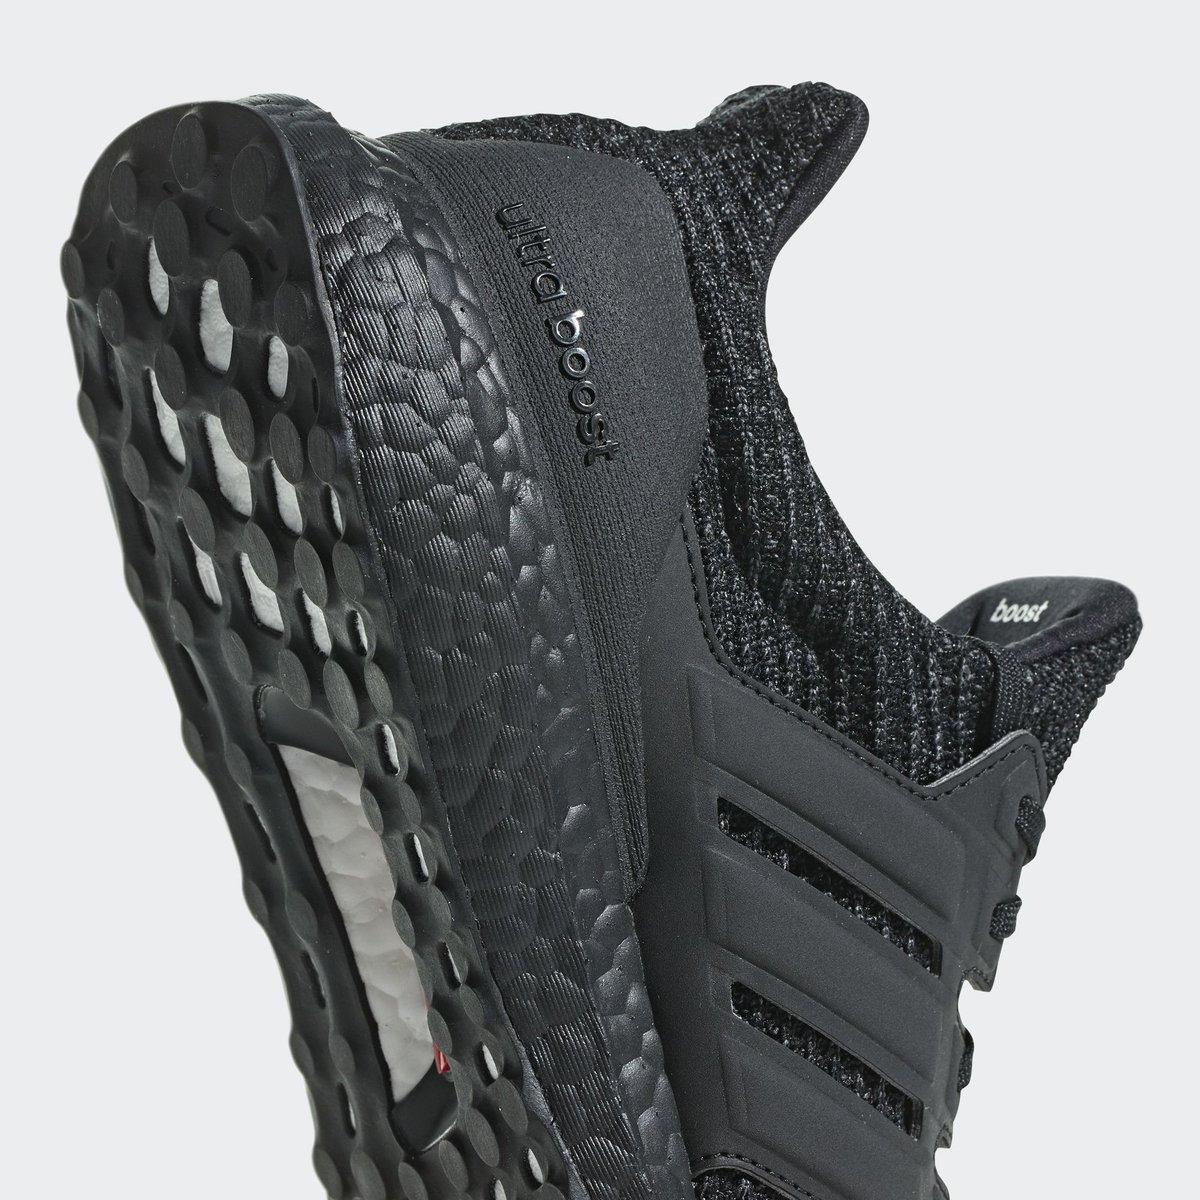 on sale 8ba45 aa048 adidas alerts on Twitter: